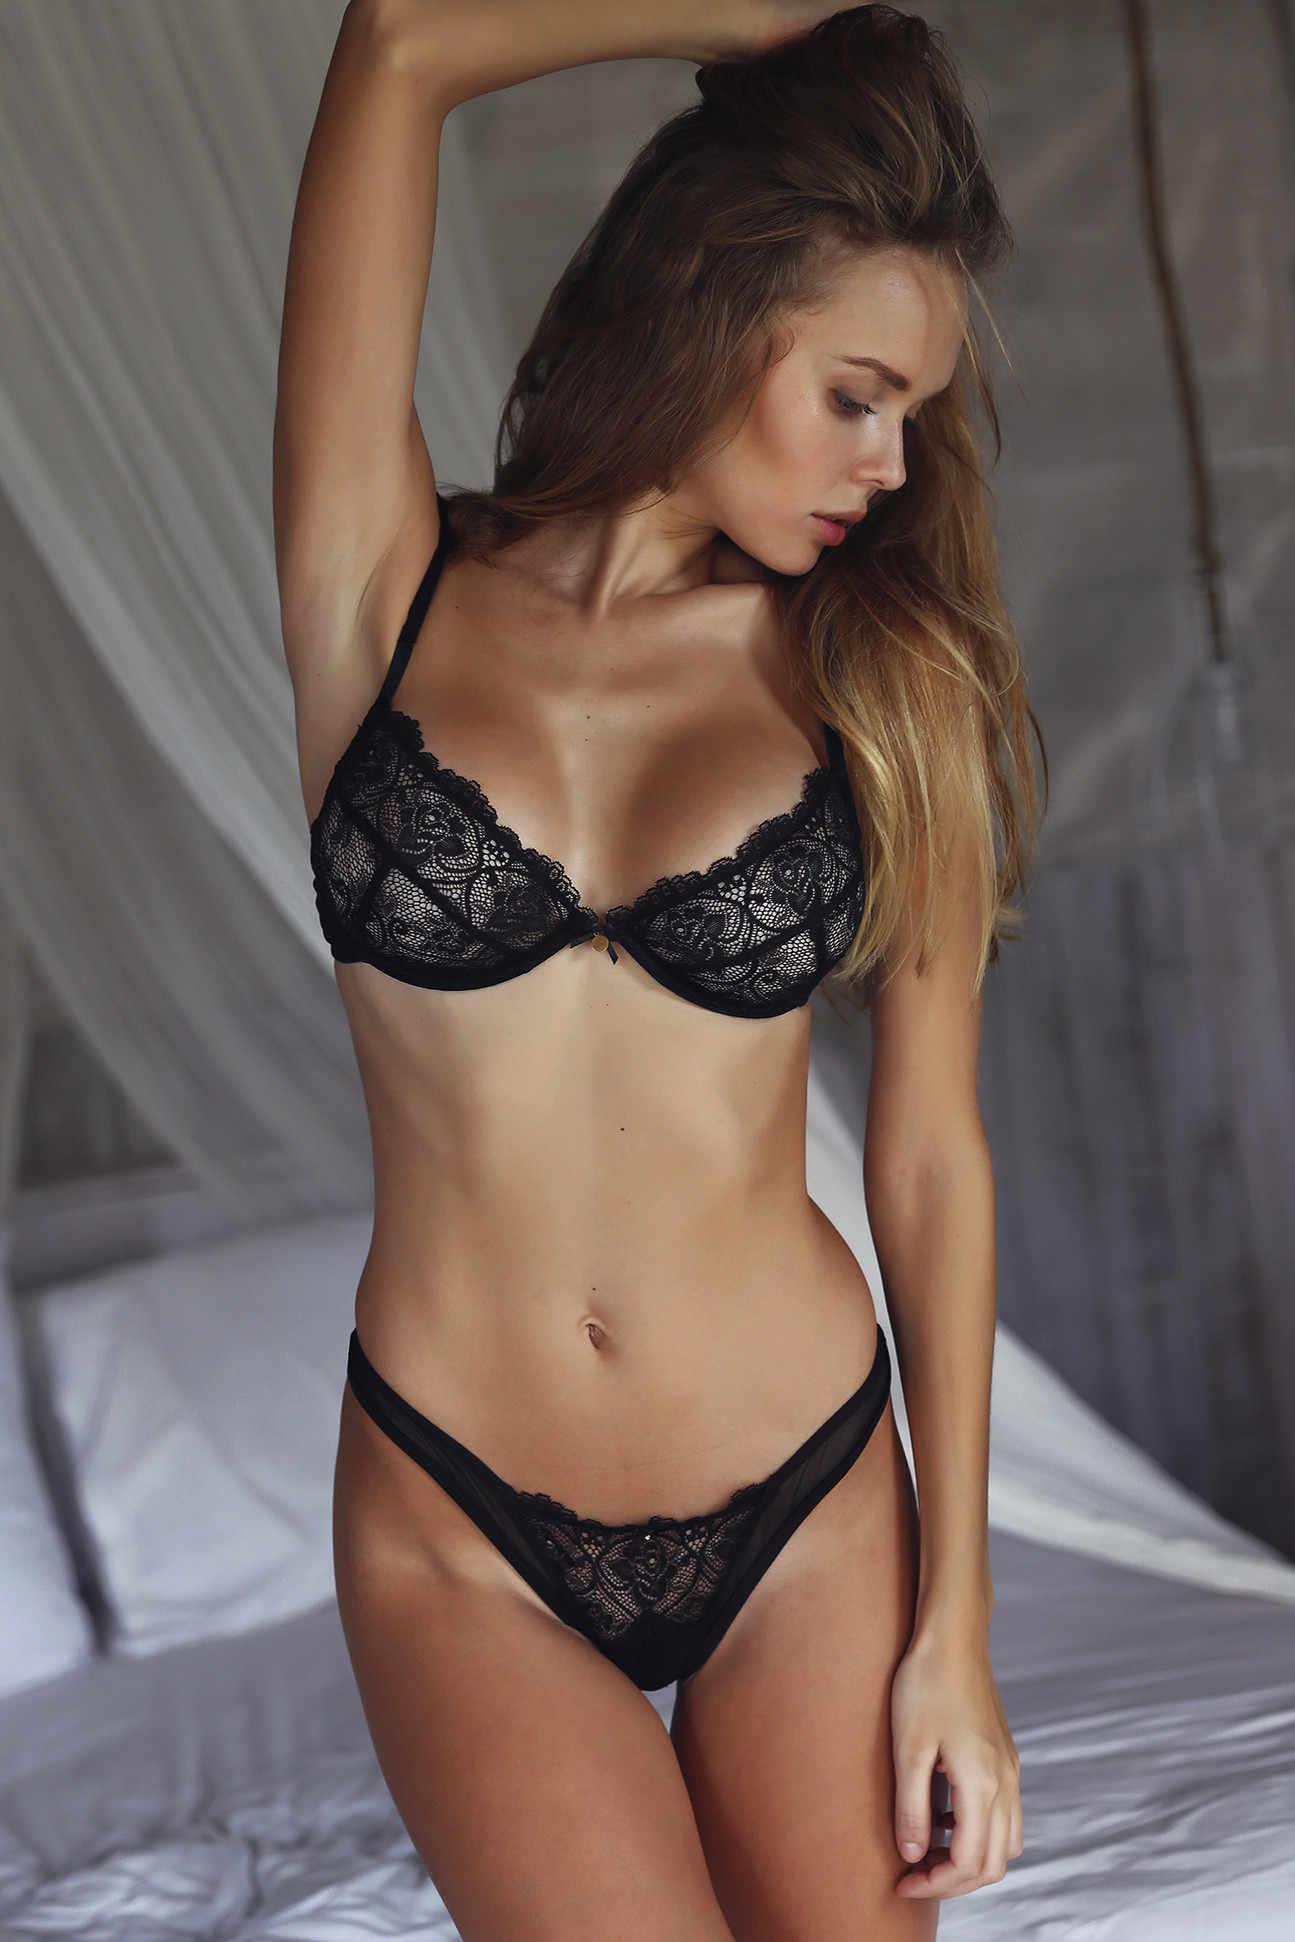 828821770ee556 ... CWXANS sexy lace bra set women black floral push up transparent  bralette plus size lingerie 2018 ...